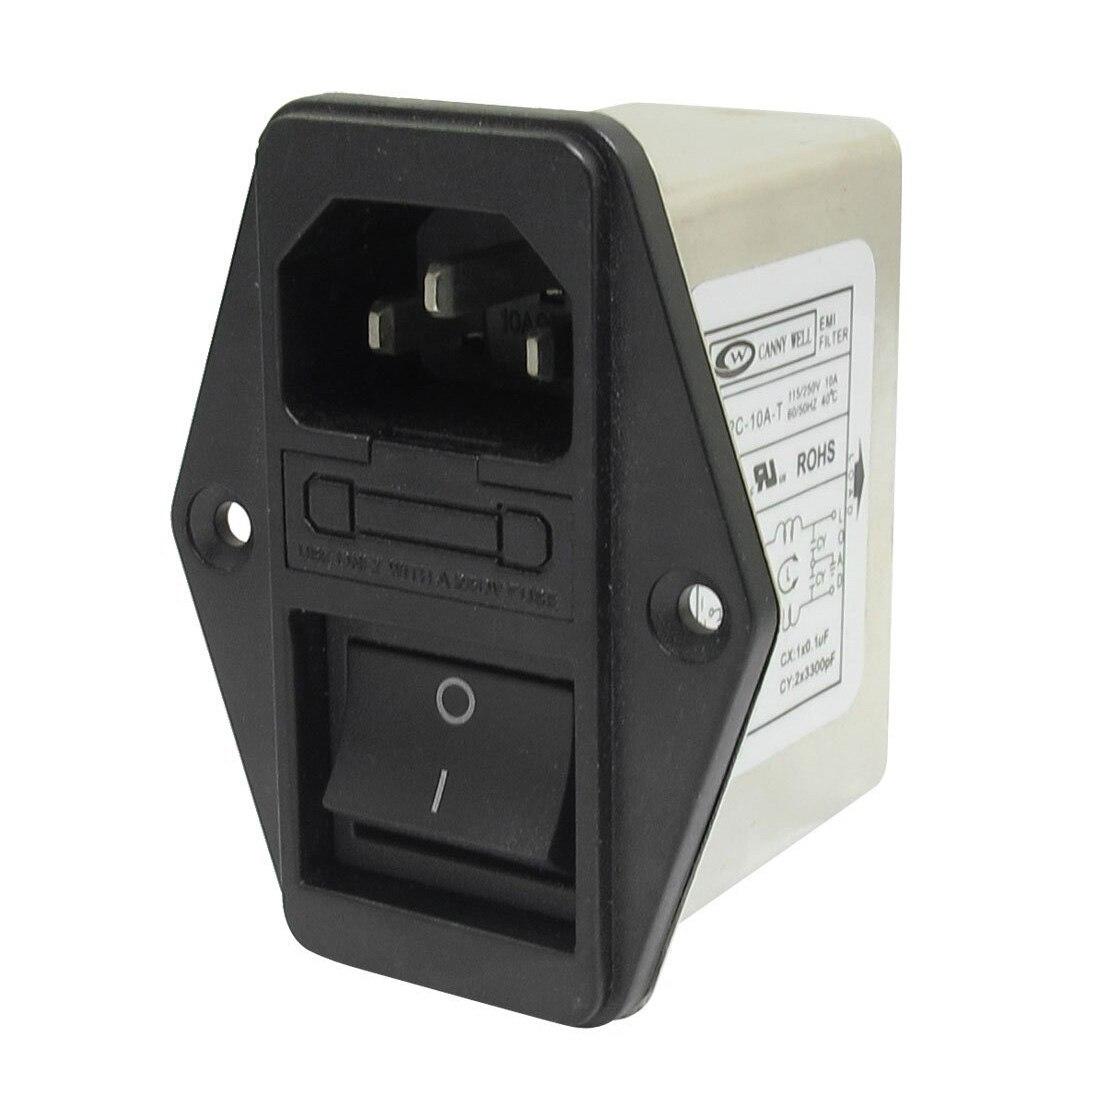 CNIM Heißer Solder Lug Terminals IEC 320 C14 EMI Filter + Boot Schalter + Sicherung Halter